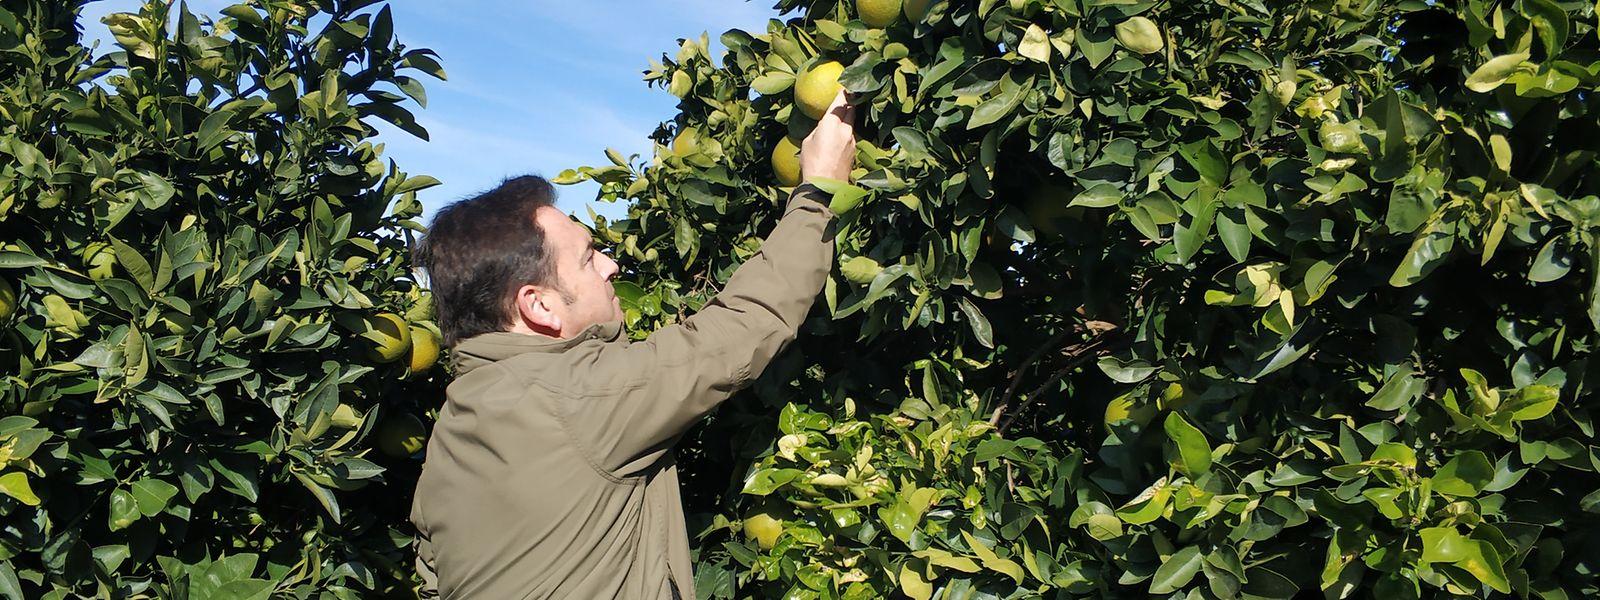 Plantagenbesitzer Luis Bolaños ist zufrieden. Der Verzicht auf rund 90 Prozent der bislang verwendeten Pestizide hat sich für ihn ausgezahlt.